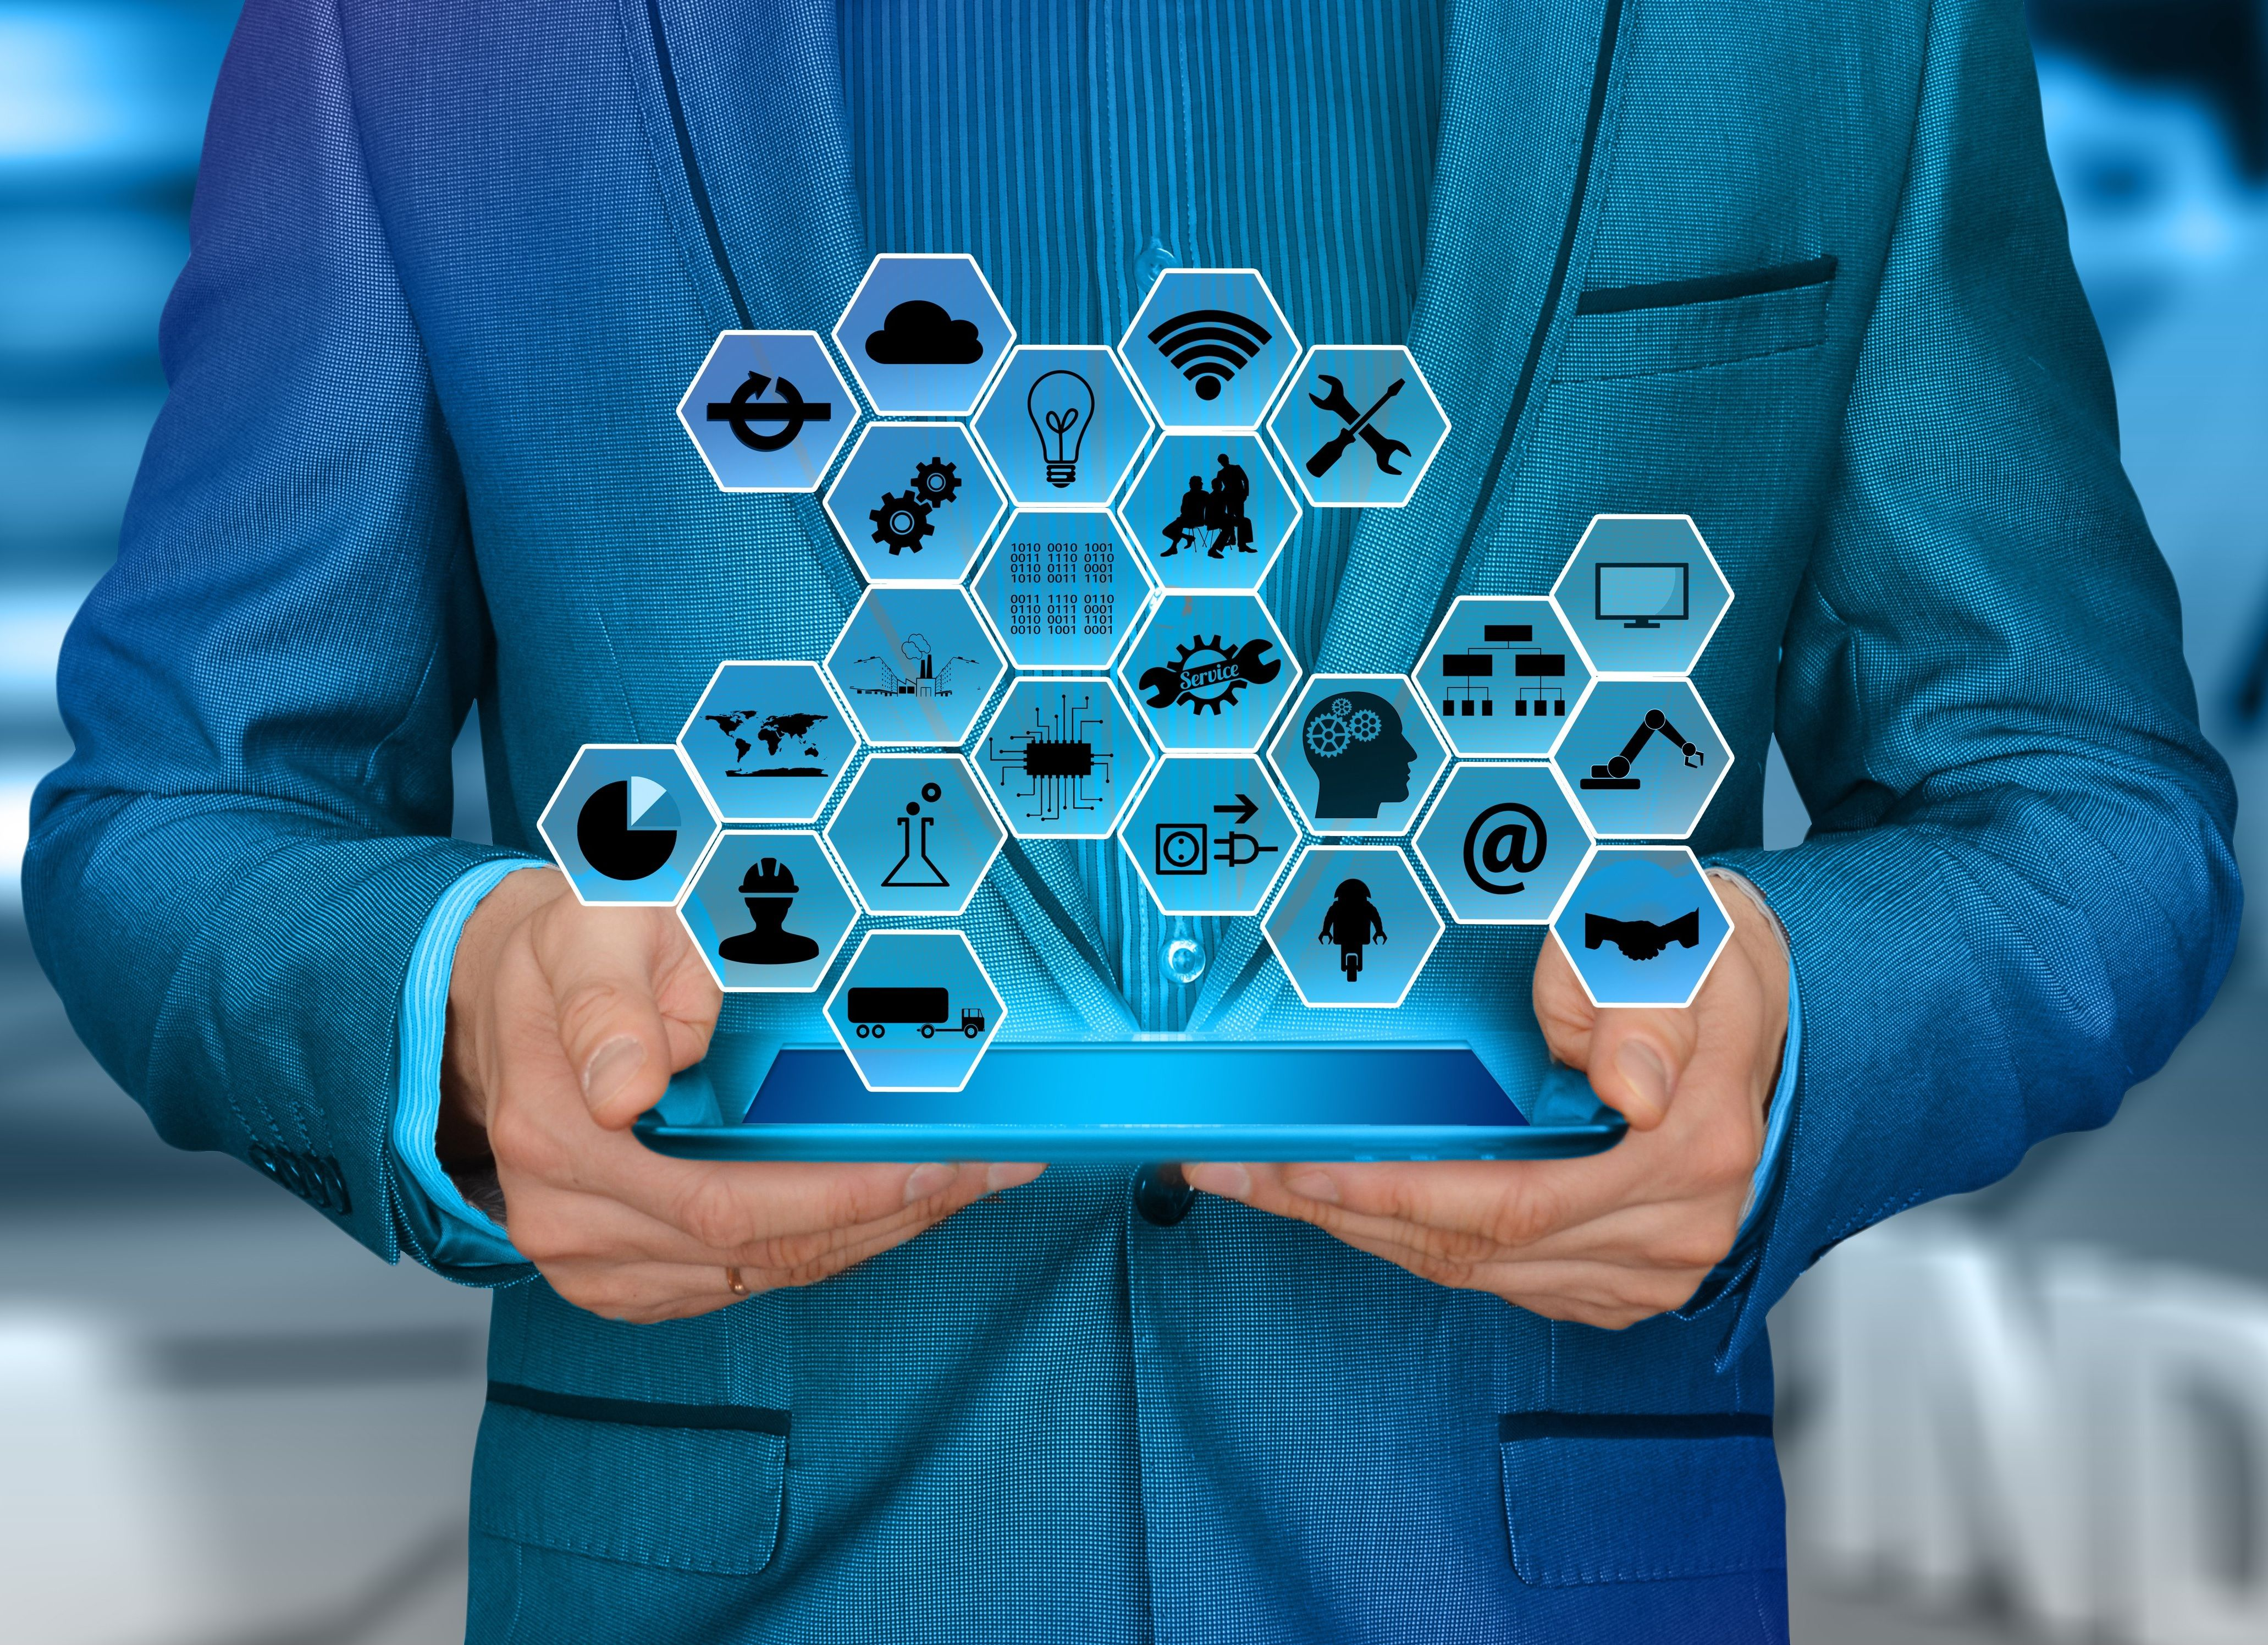 Nowe wymiary biznesu i związane z nimi możliwości wywołują zwiększone zapotrzebowanie na kompetencje technologiczne (fot. shutterstock)